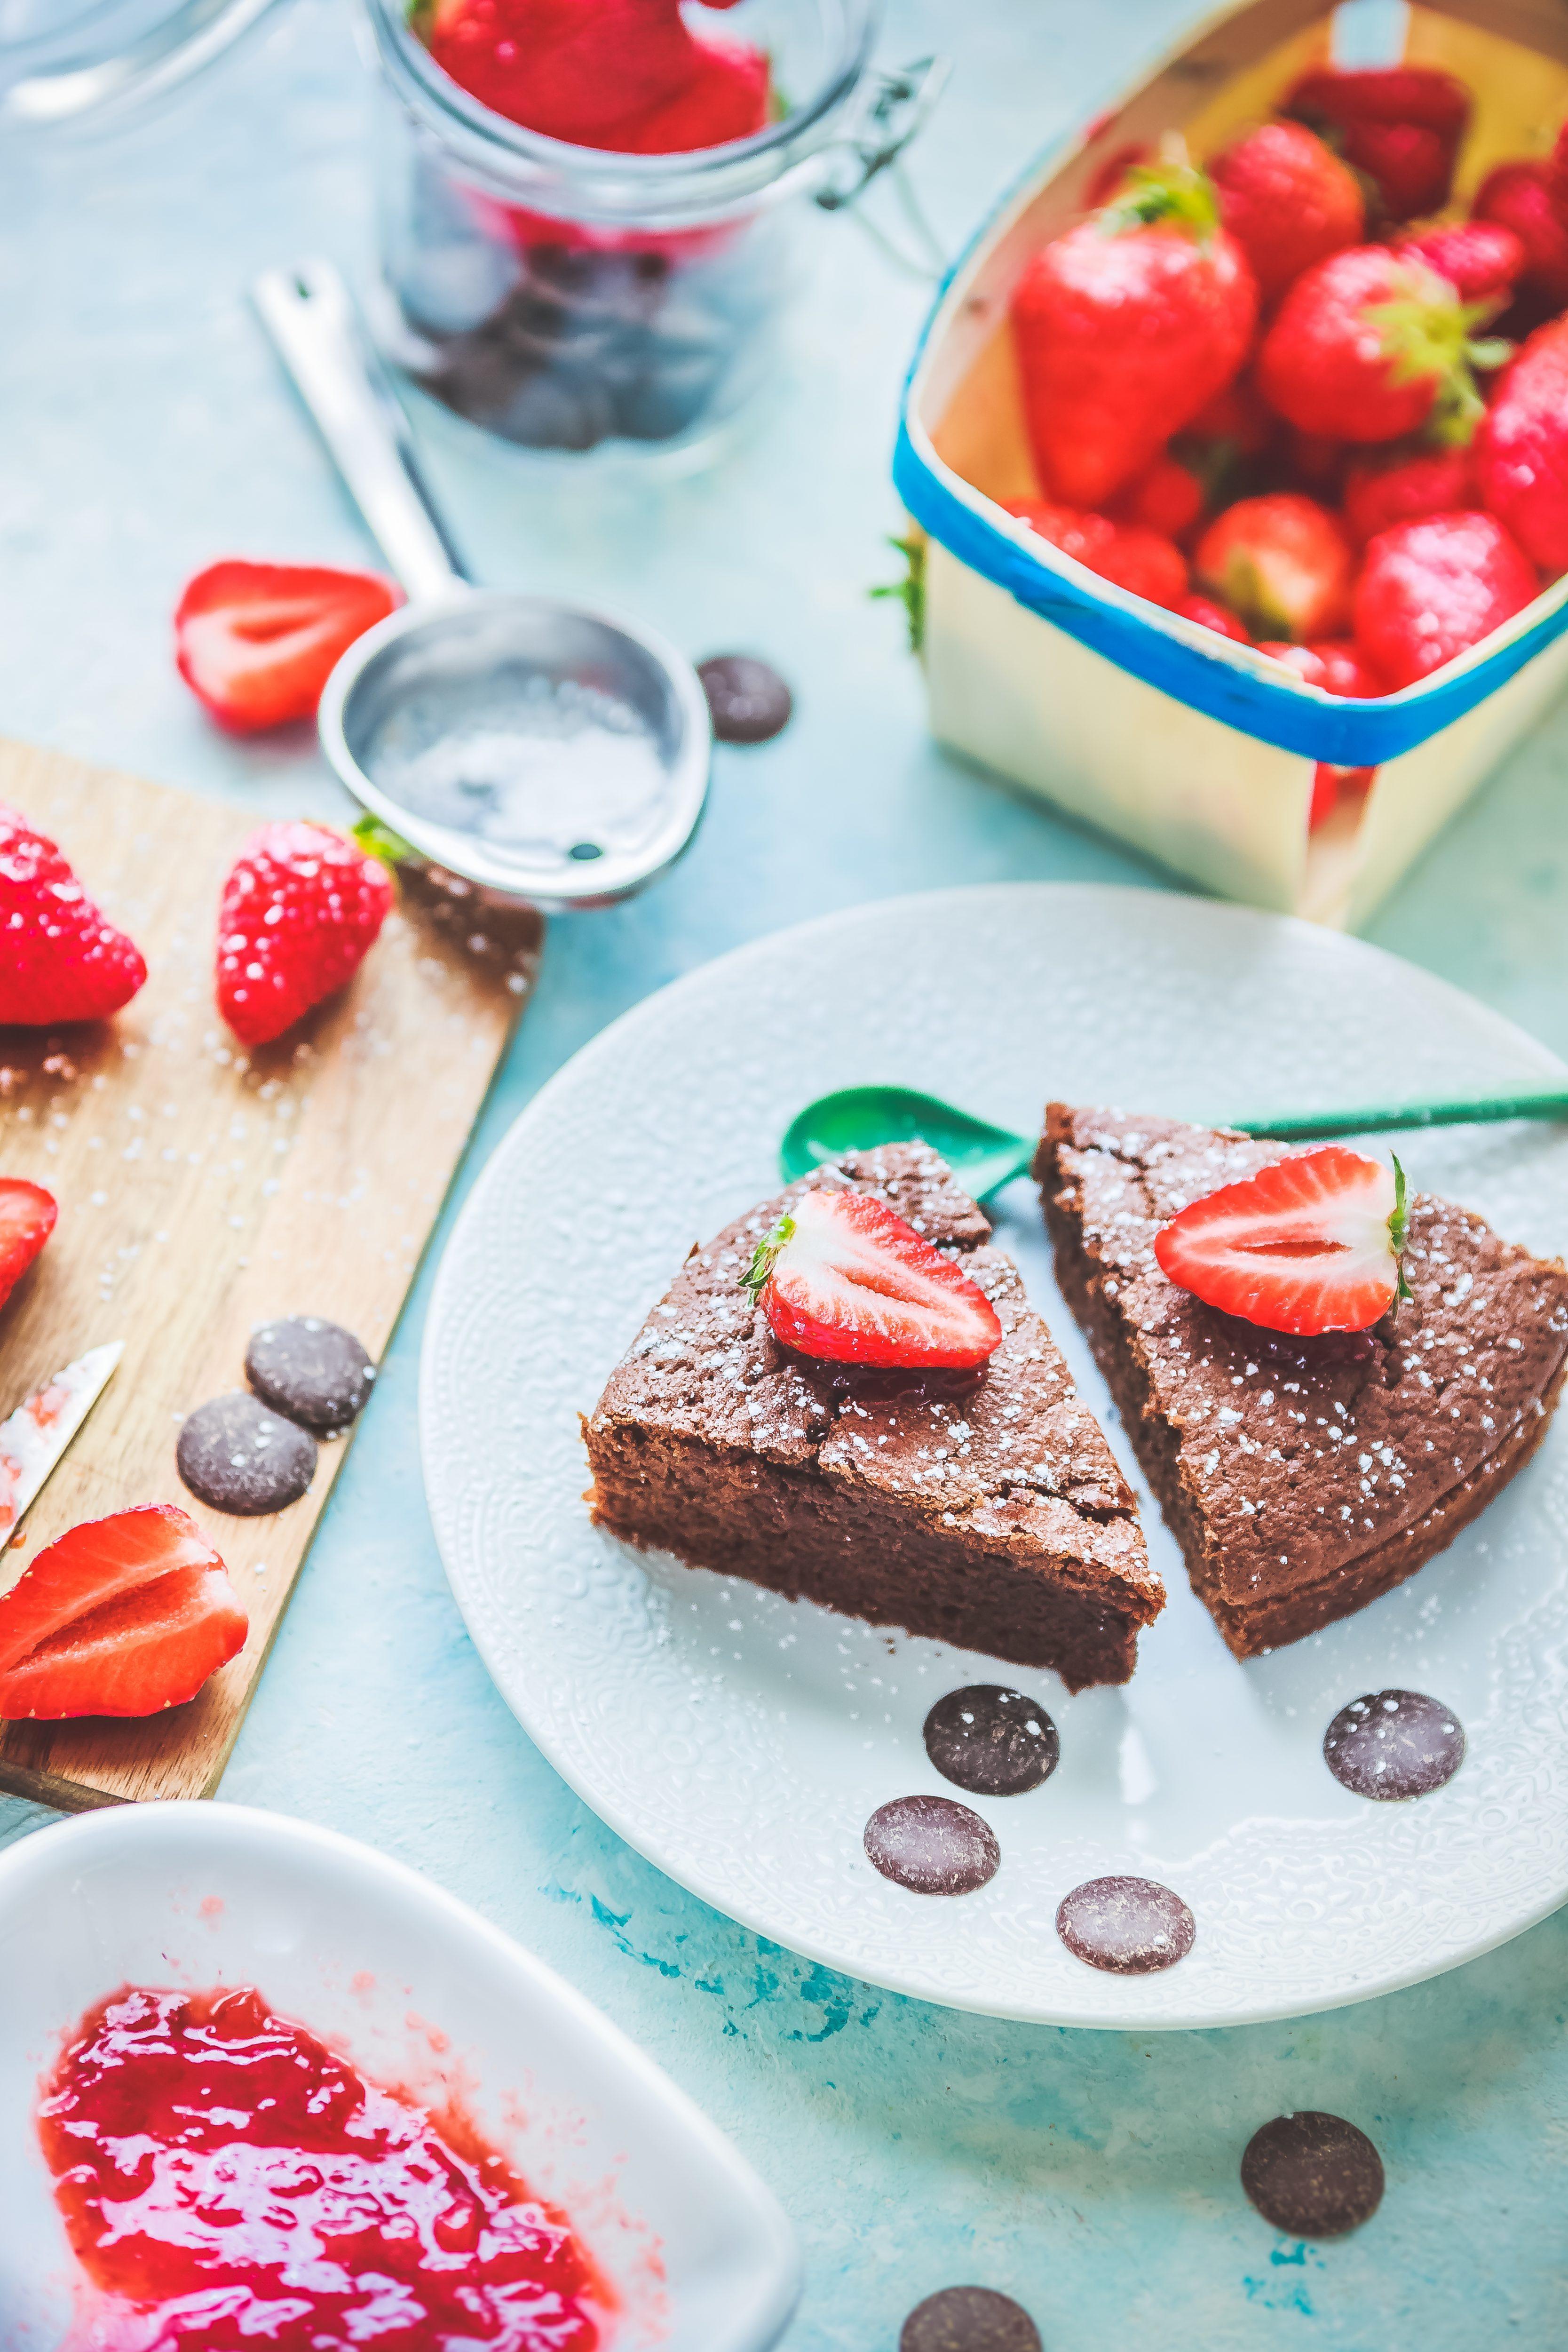 Recette Gâteau chocolat à la confiture de fraises.